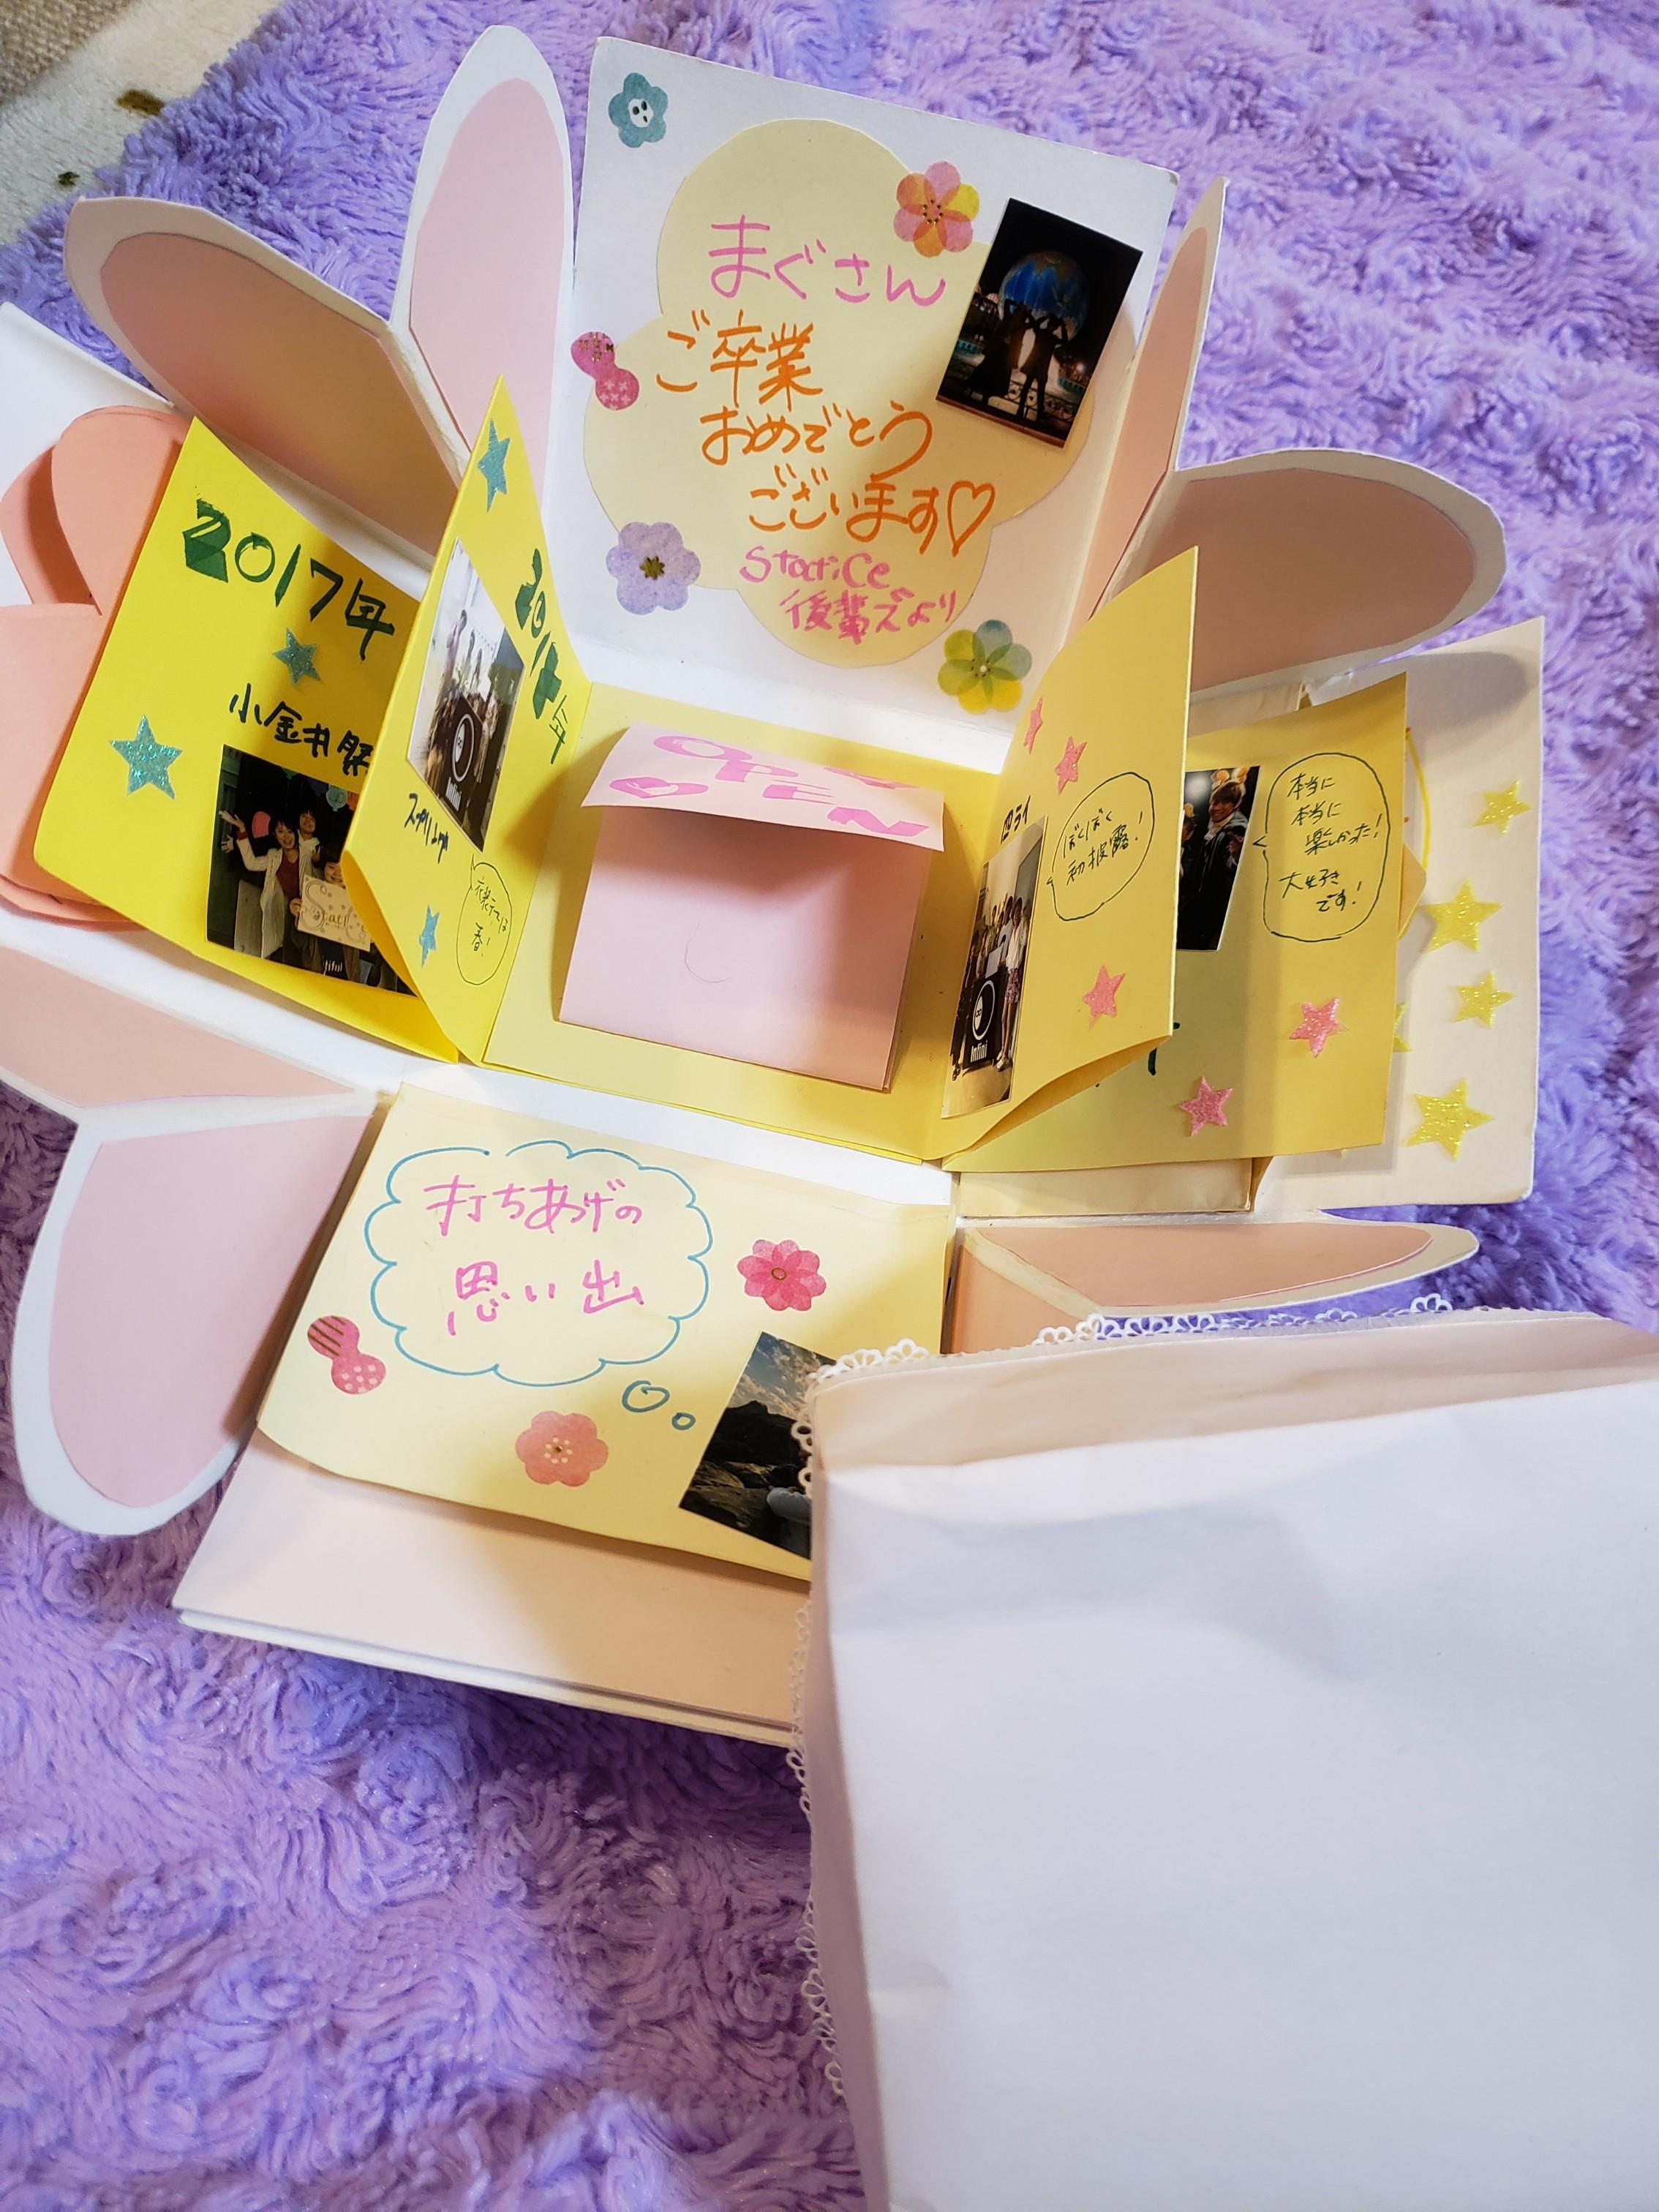 【感動しちゃう!】卒業ライブでもらった寄せ書きが感動の宝石箱\(^_^)/_3